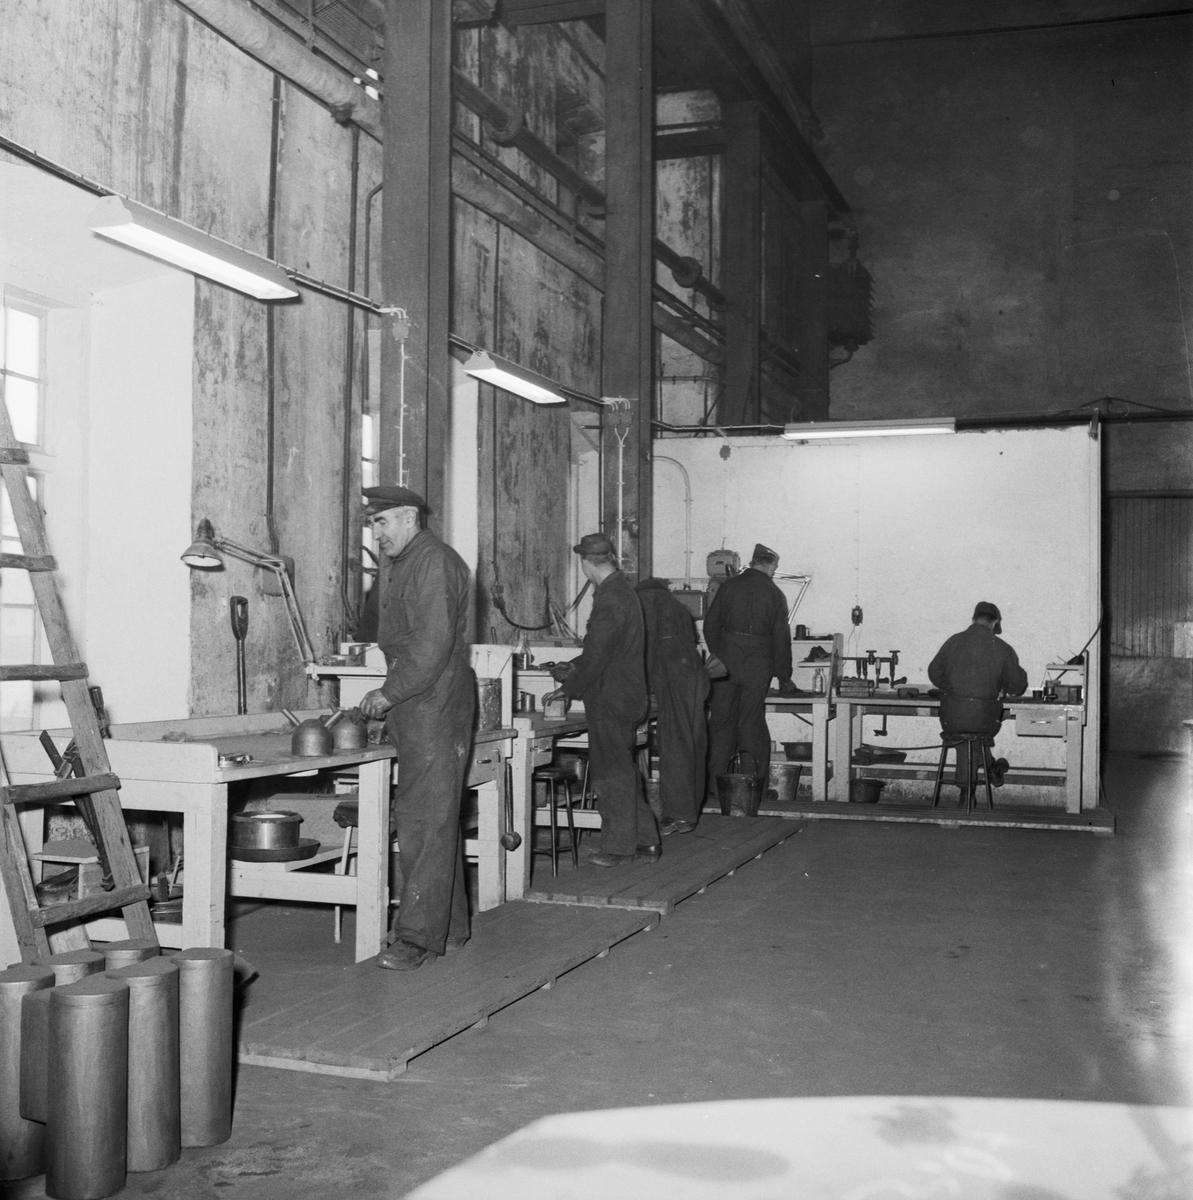 Övrigt: Foto datum: 20/1 1958 Byggnader och kranar Gjuteriet pågående arbete interiör. Närmast identisk bild: V14391, ej skannad